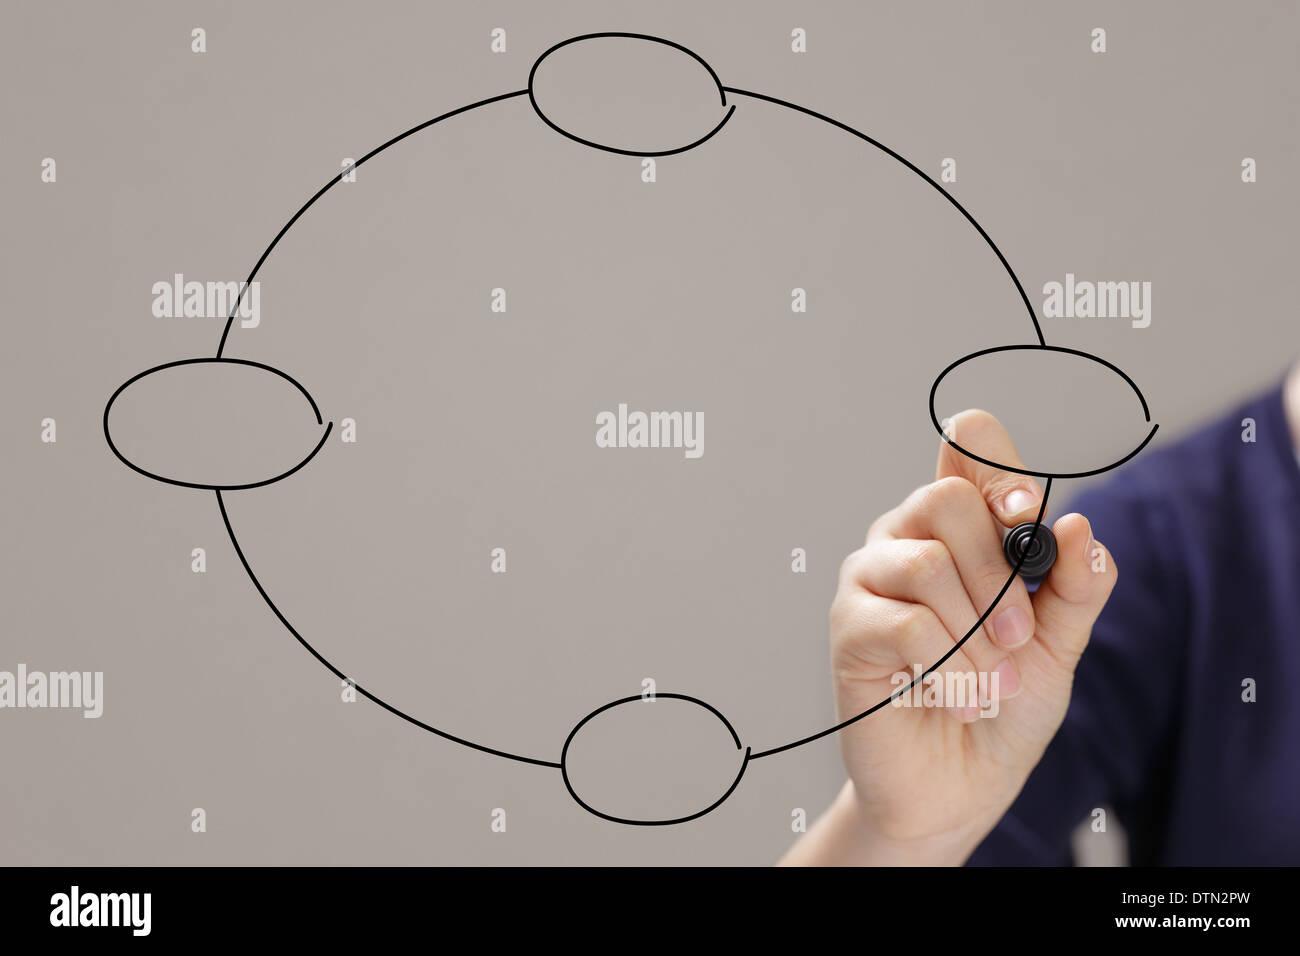 Tolle Definieren Sie Ein Diagramm Galerie - Die Besten Elektrischen ...